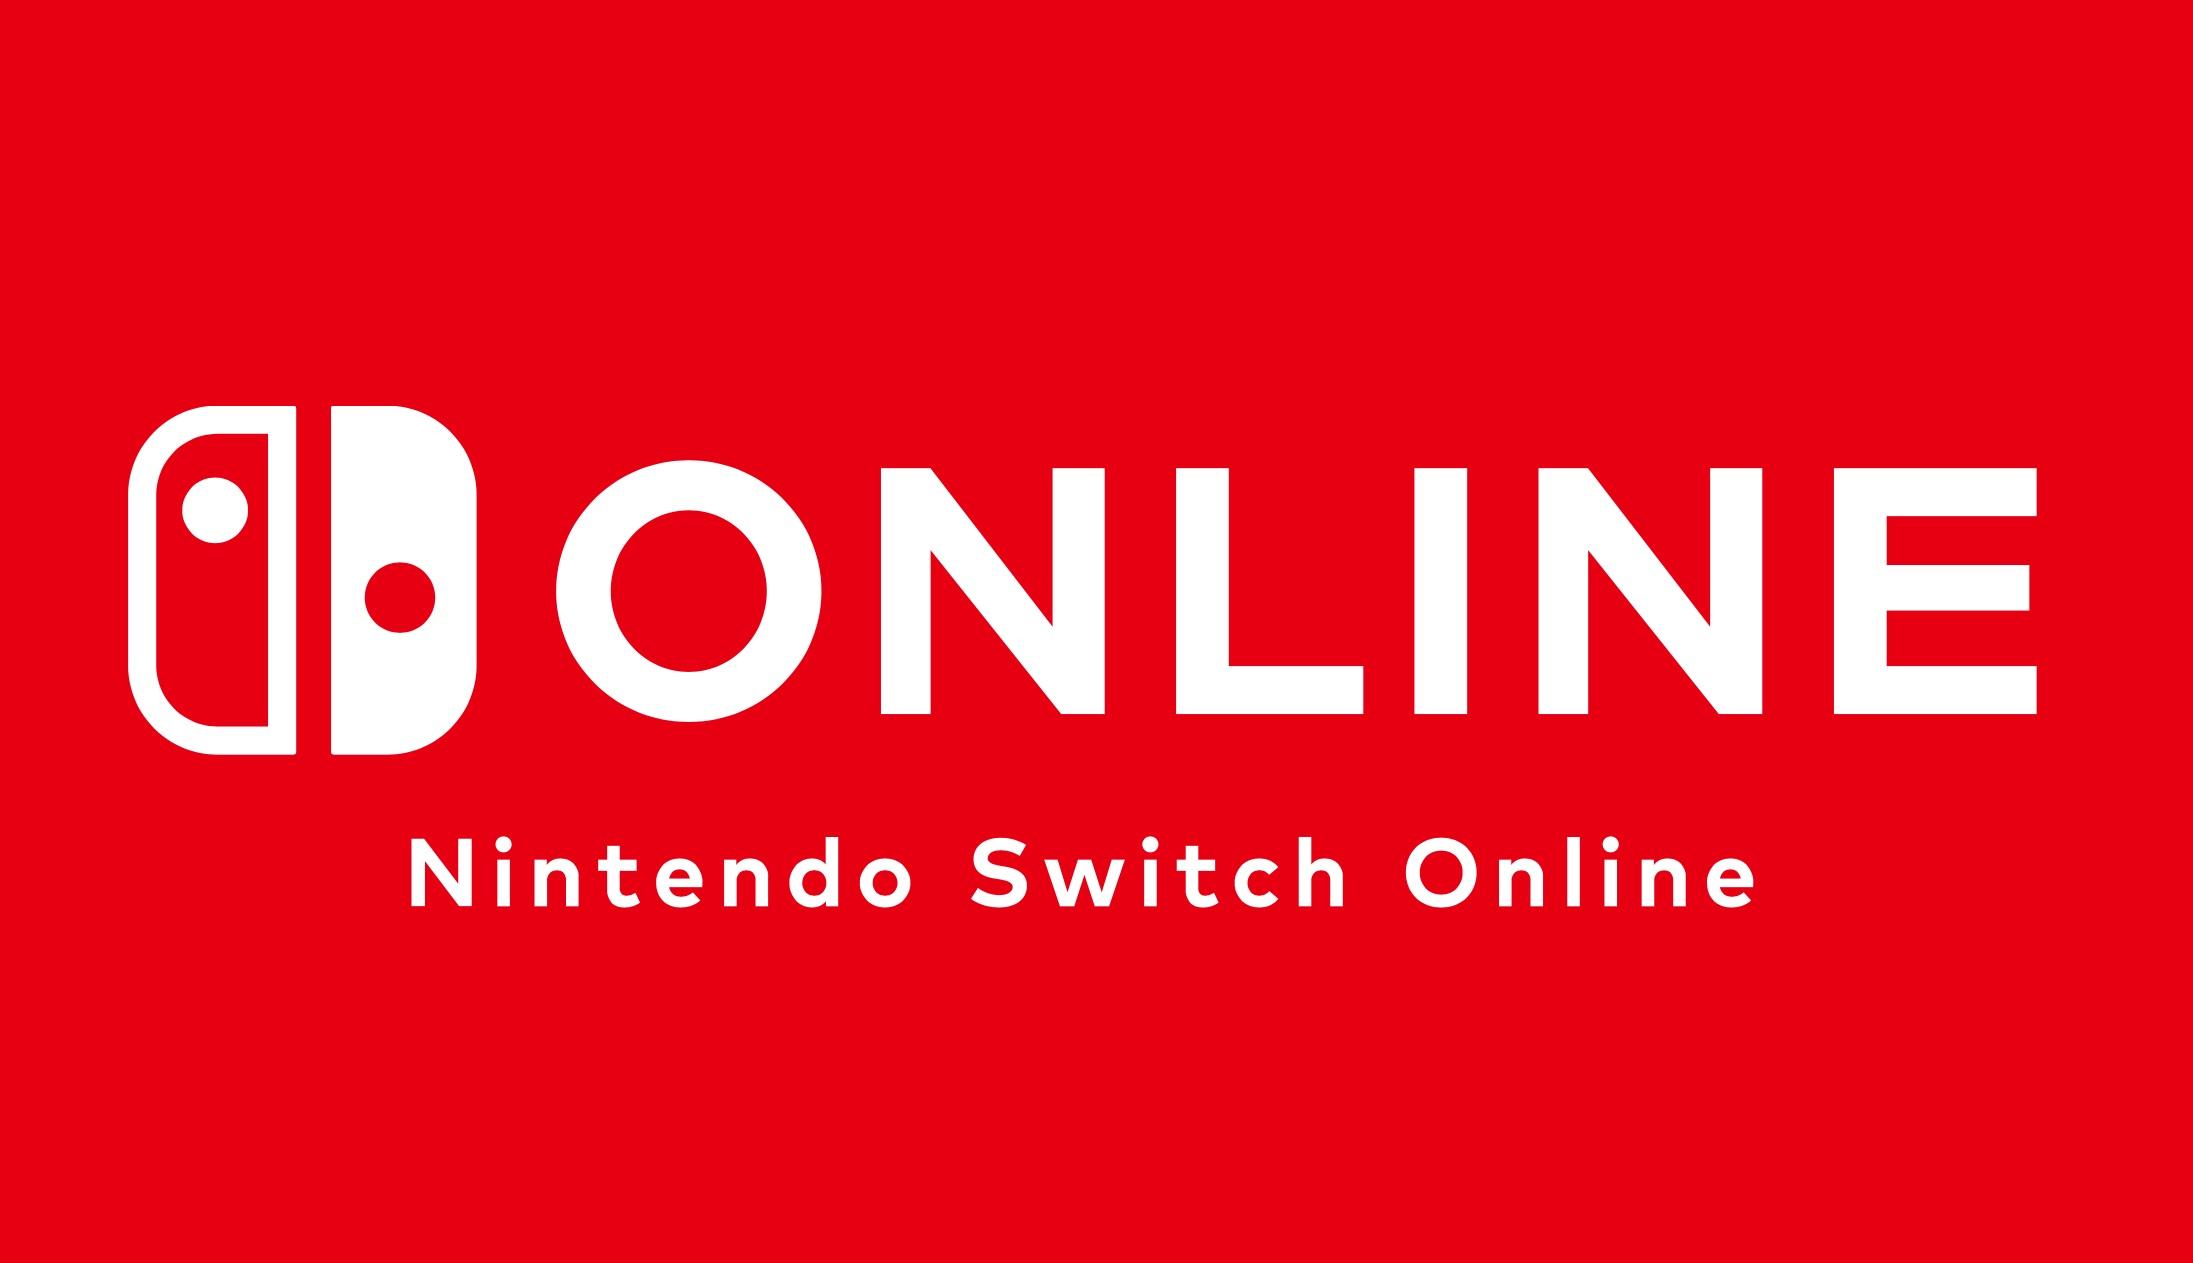 9月19日よりスイッチのオンラインプレイが有料化!詳しく解説!